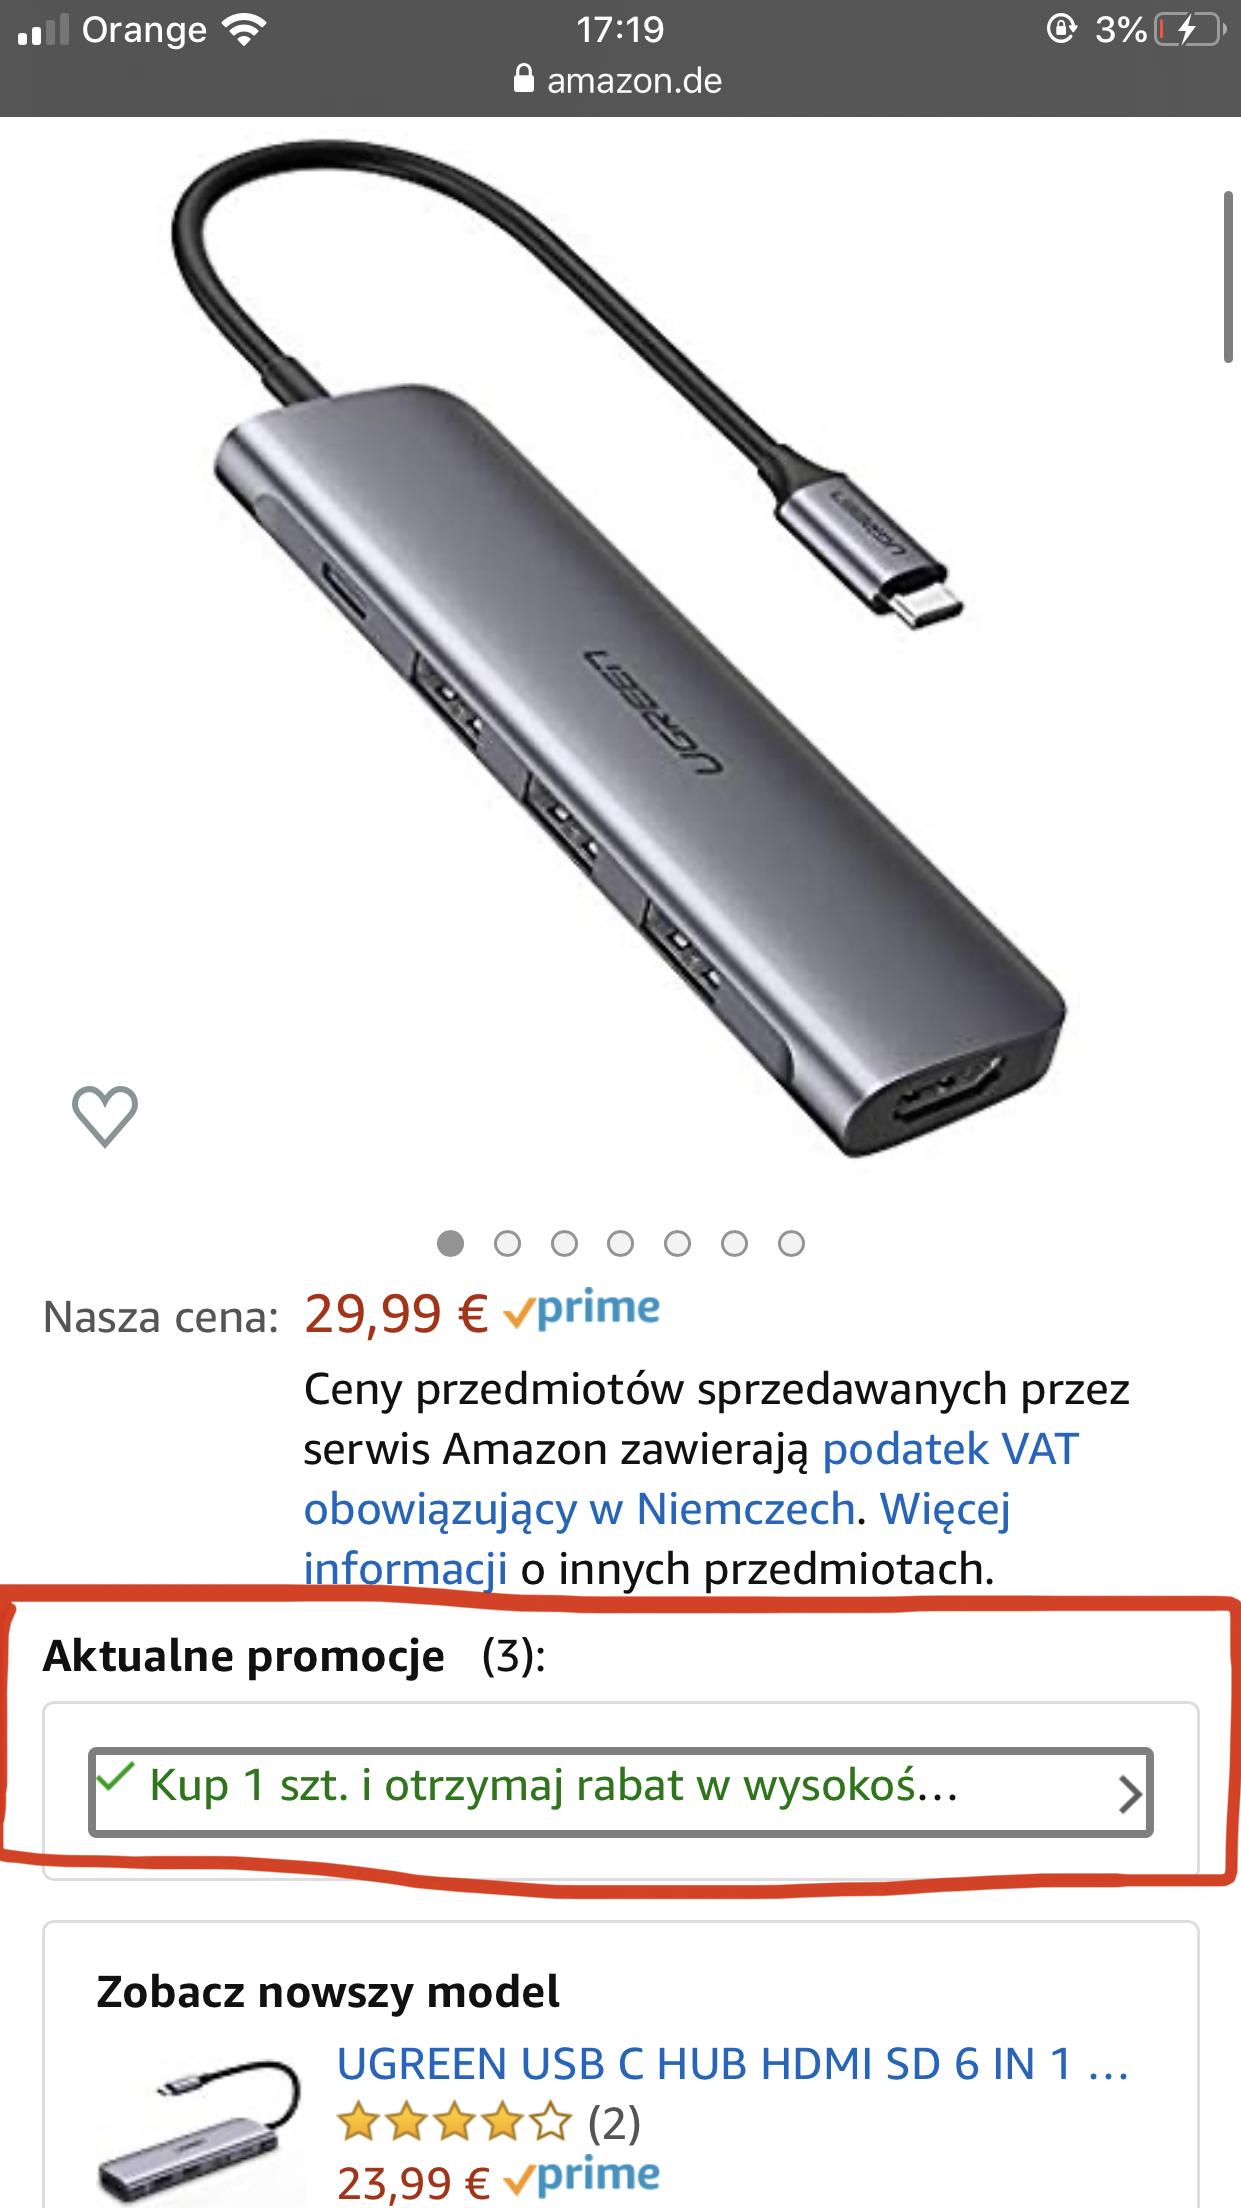 176490.jpg